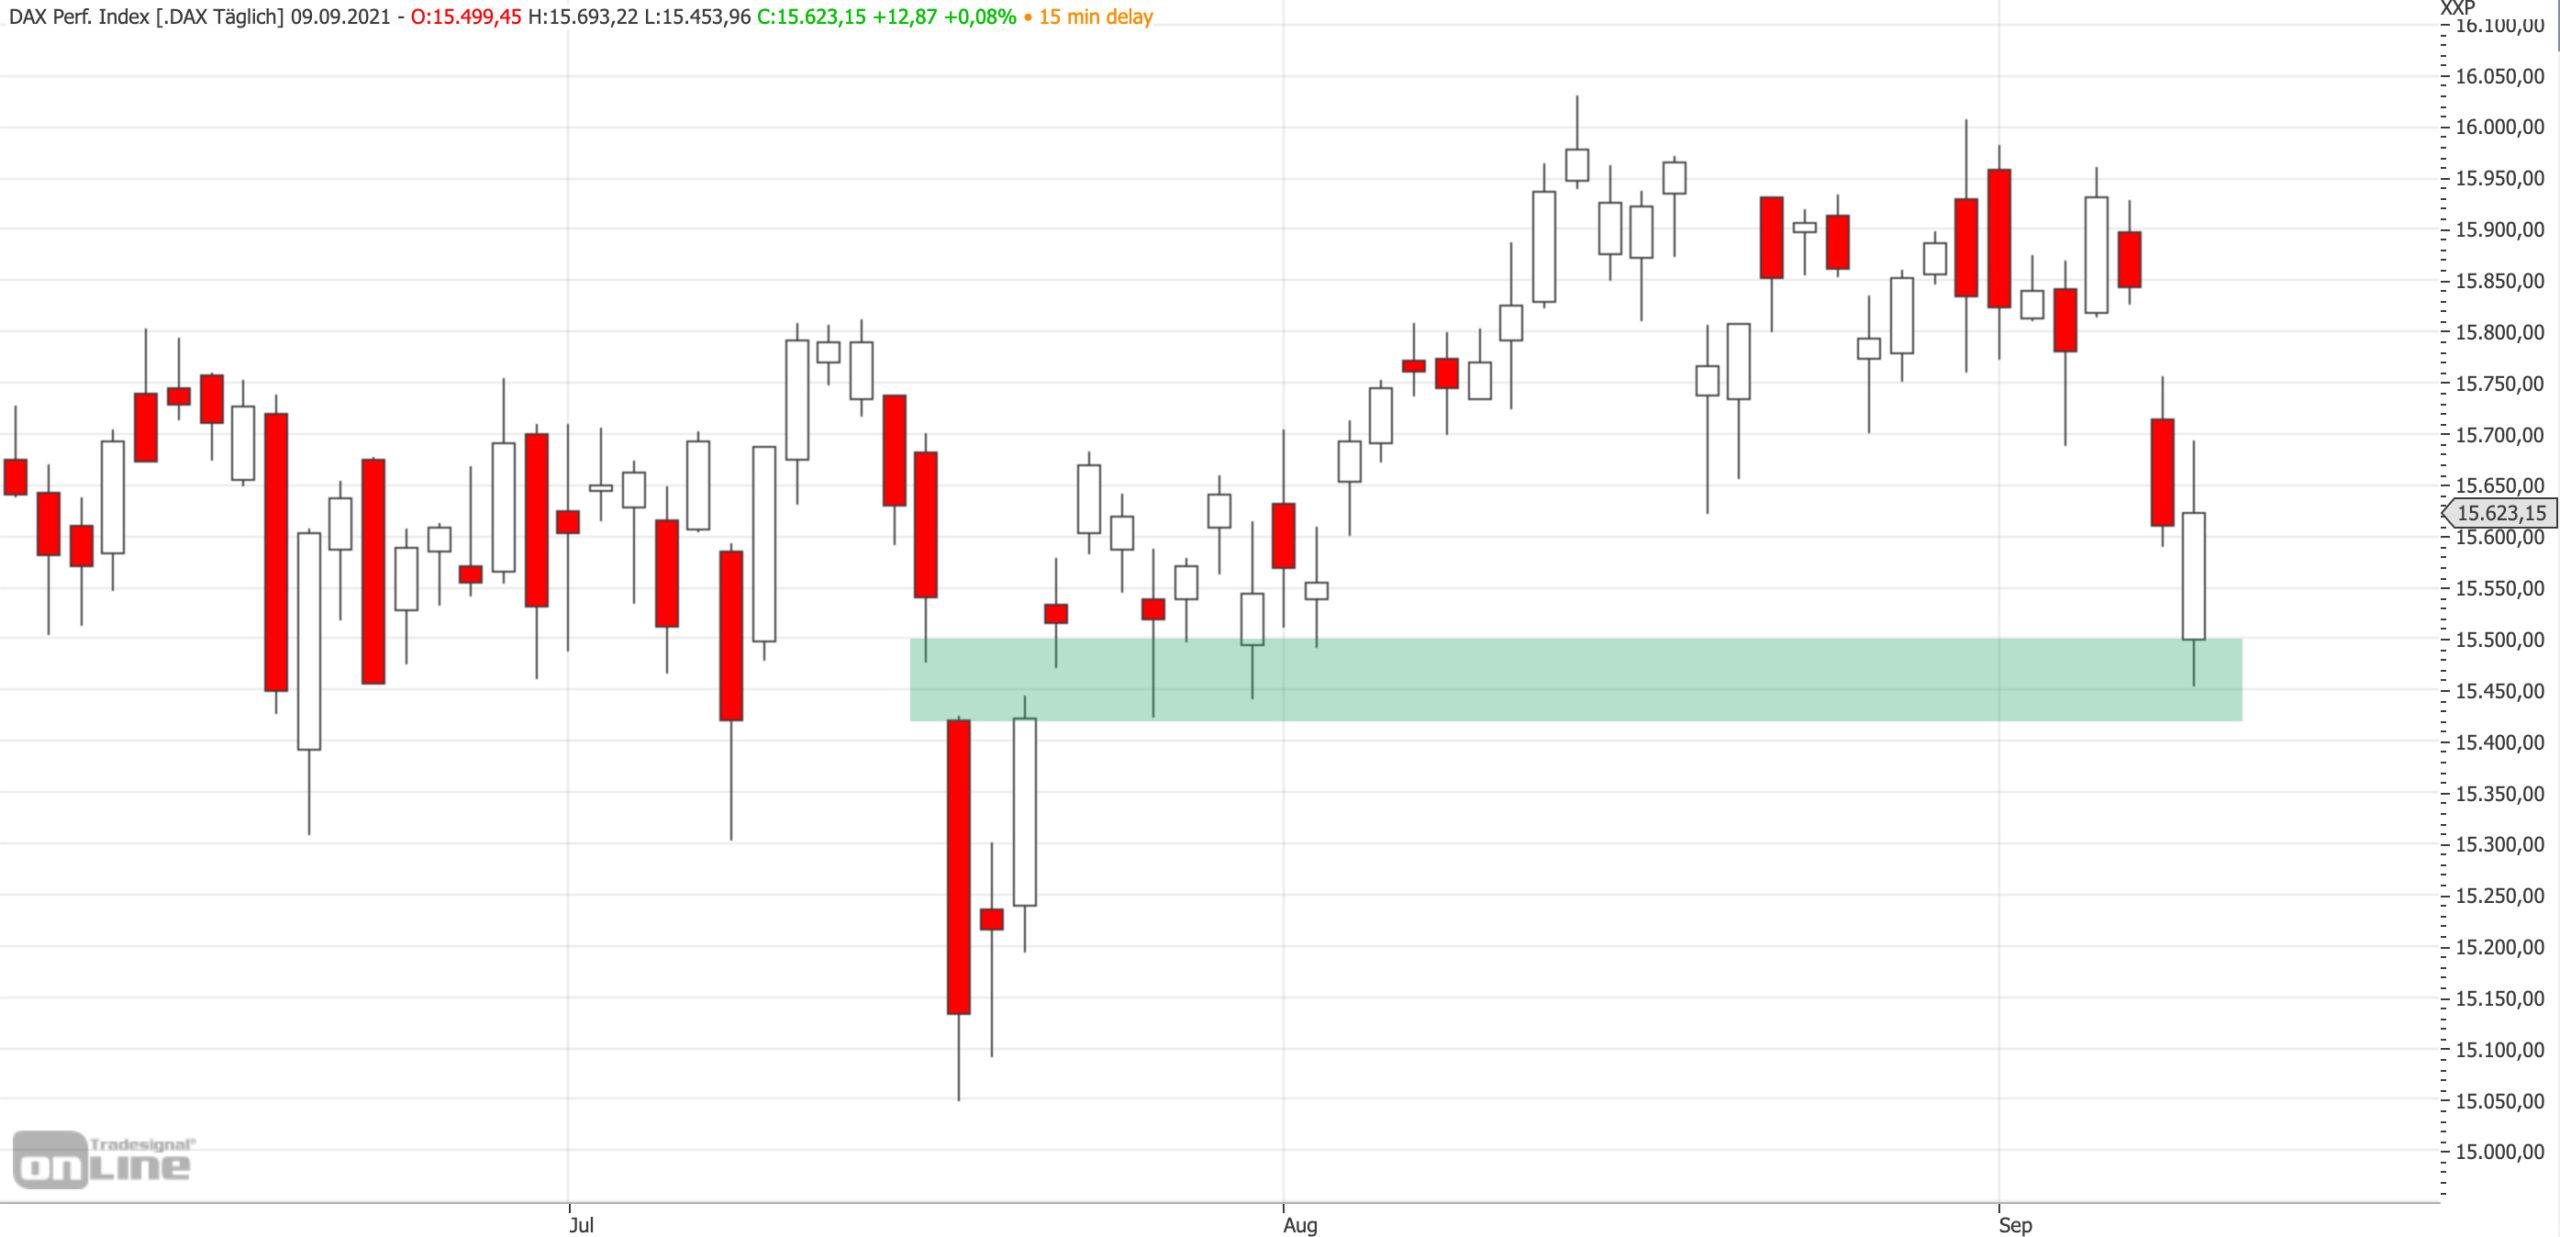 Mittelfristiges DAX-Chartbild am 09.09.2021